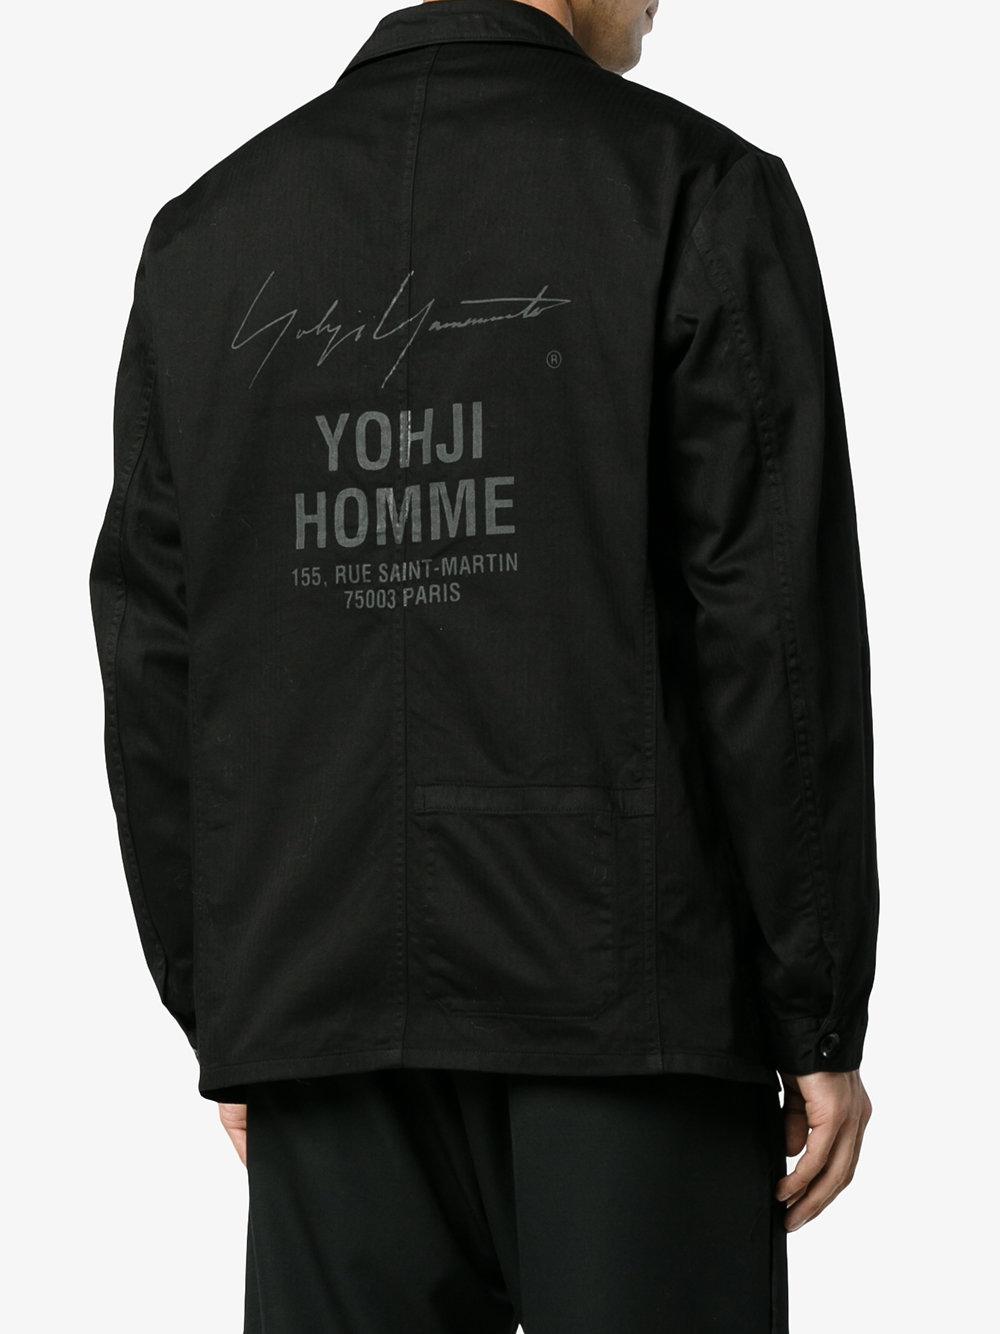 山本耀司說:「這無關自尊驕傲,因為年輕人(尤其是在中國)都喜歡它顯露在外面,所以我玩玩Yohji Yamamoto。」photo via Browns